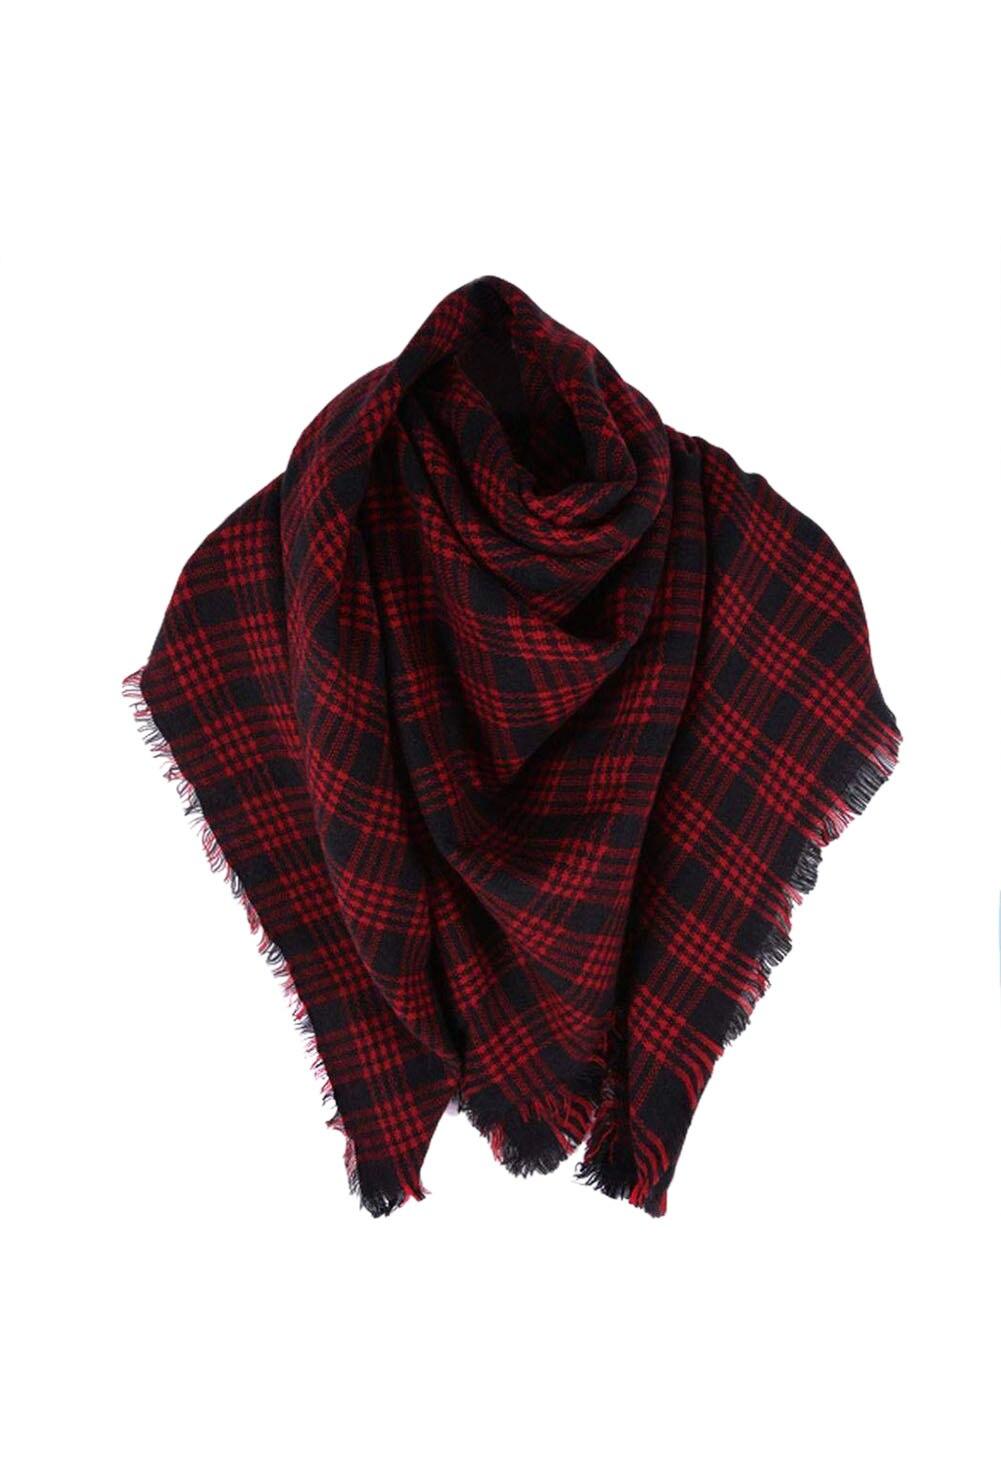 DSGS 5 x Wool Blend font b Tartan b font Plaid Soft Scarf Shawl Blanket Stole